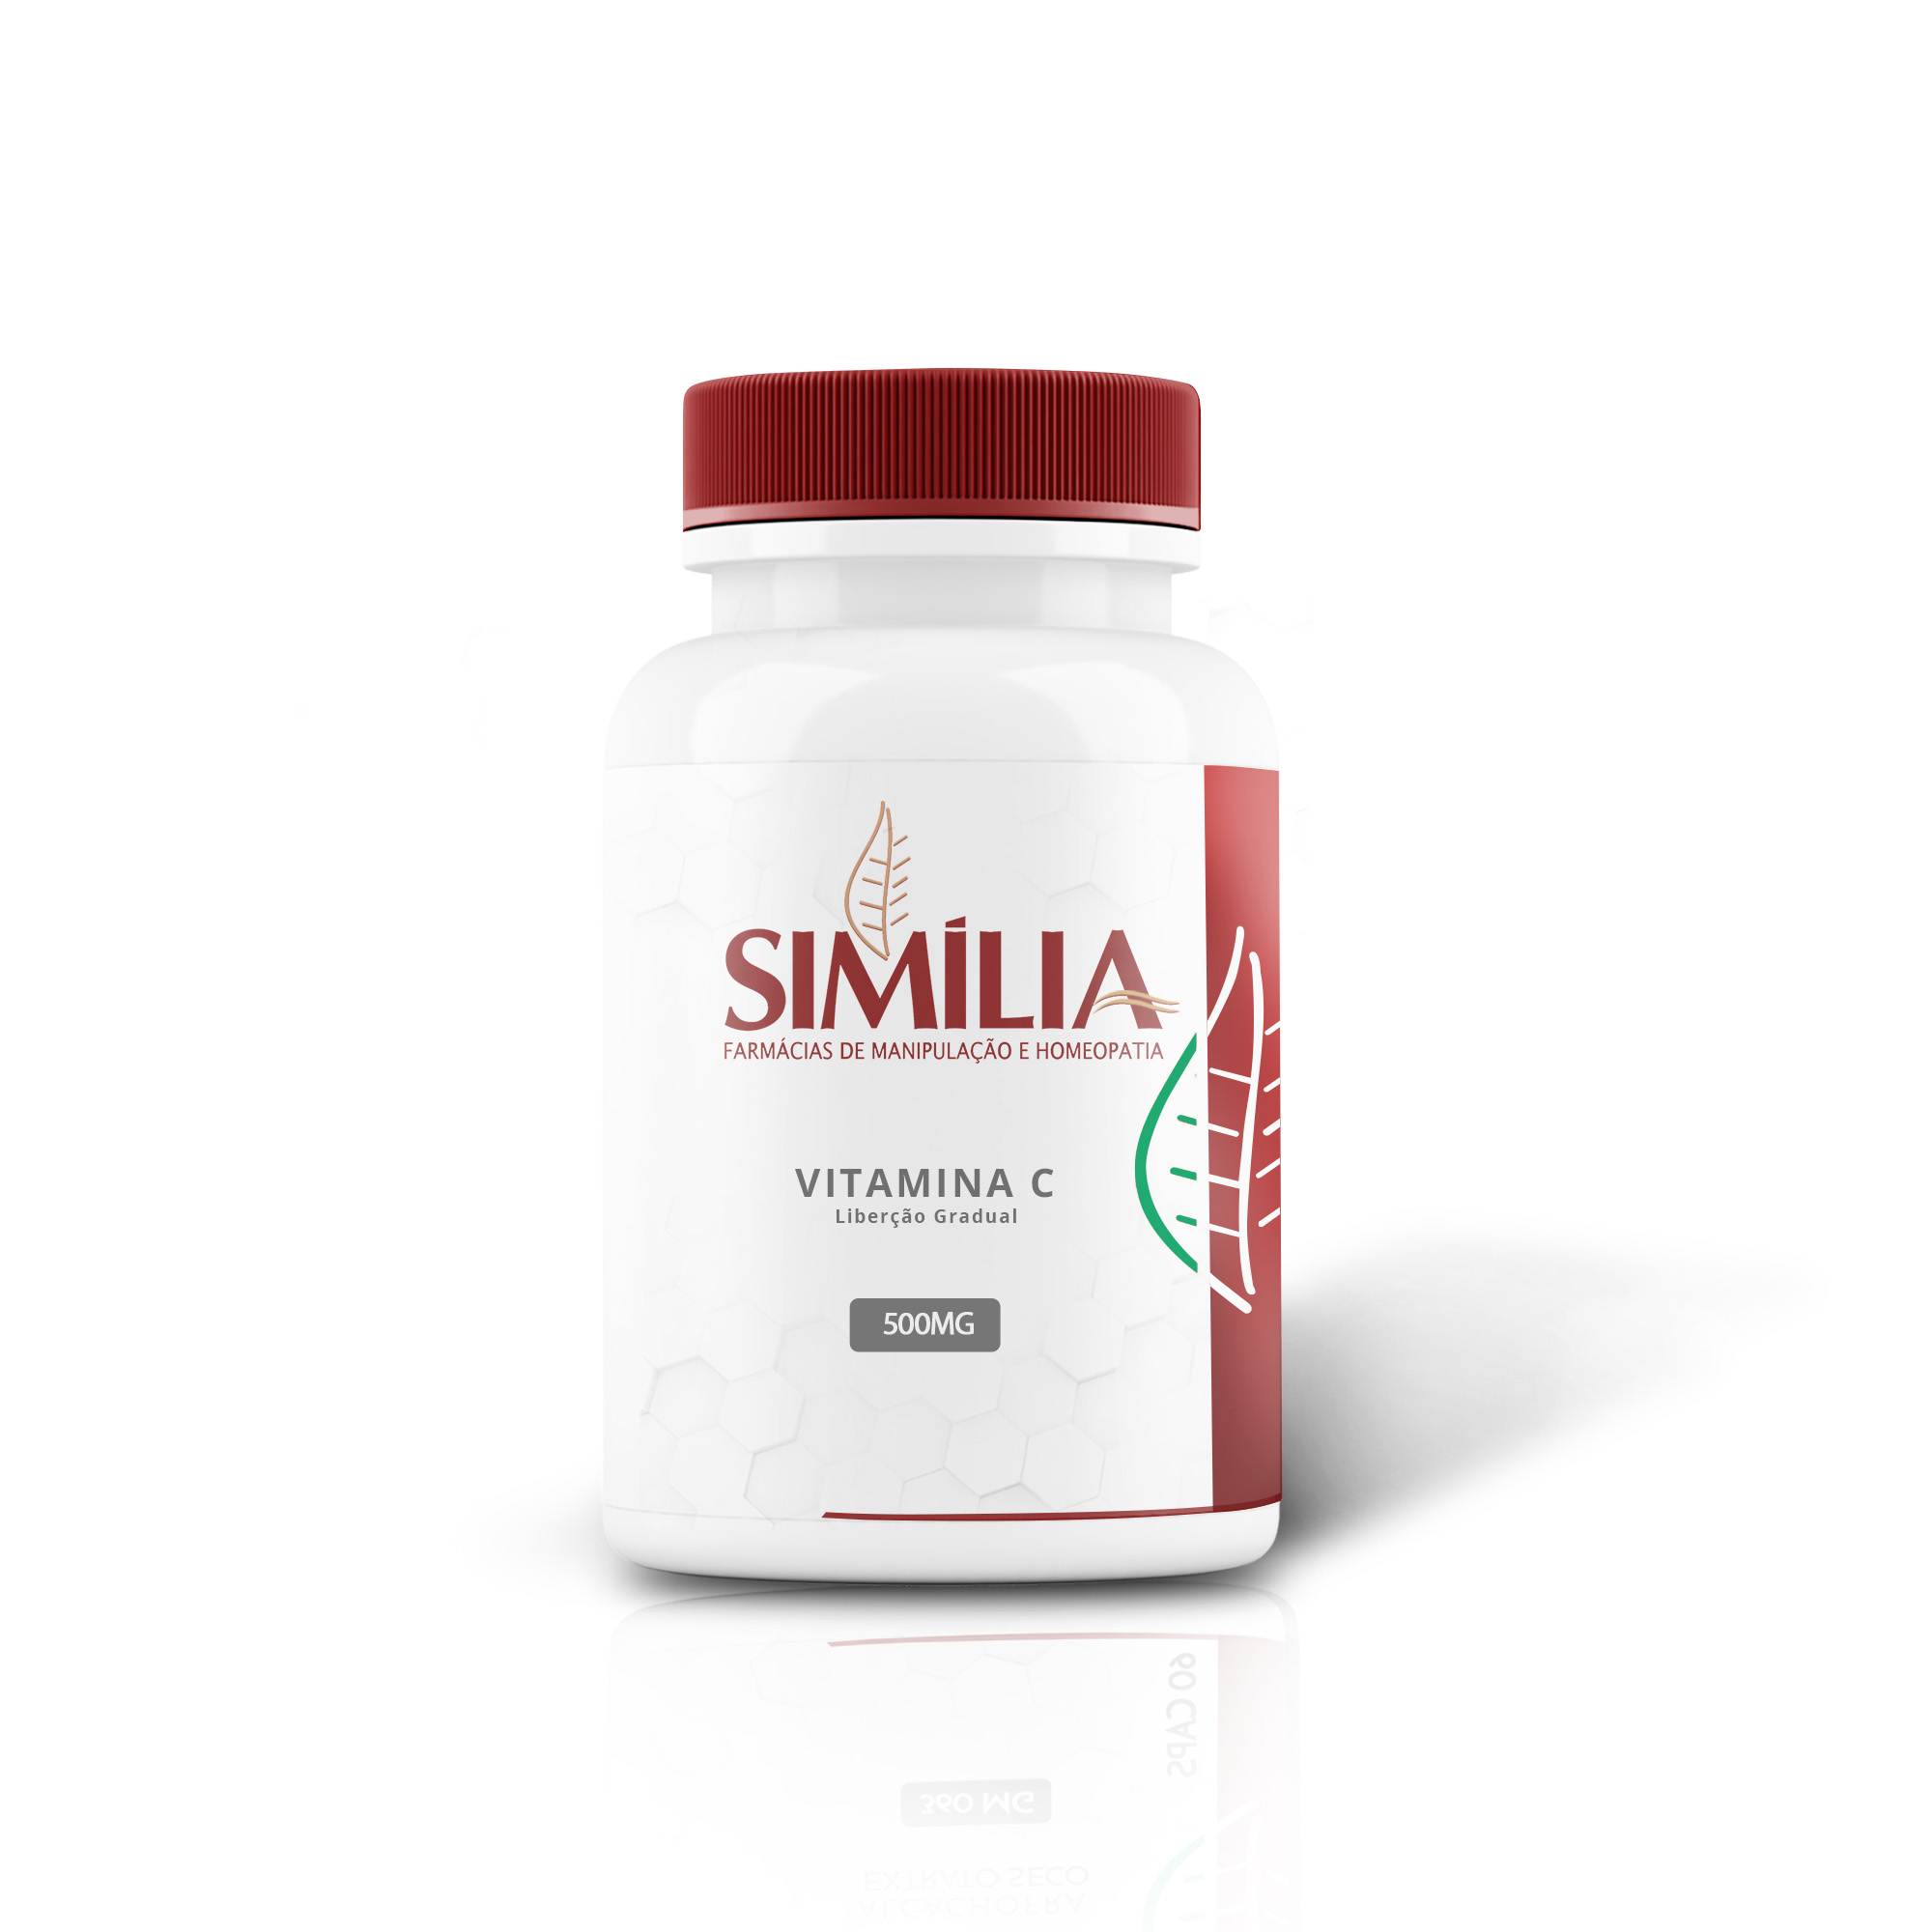 Vitamina C Revestida com liberação gradual 500mg